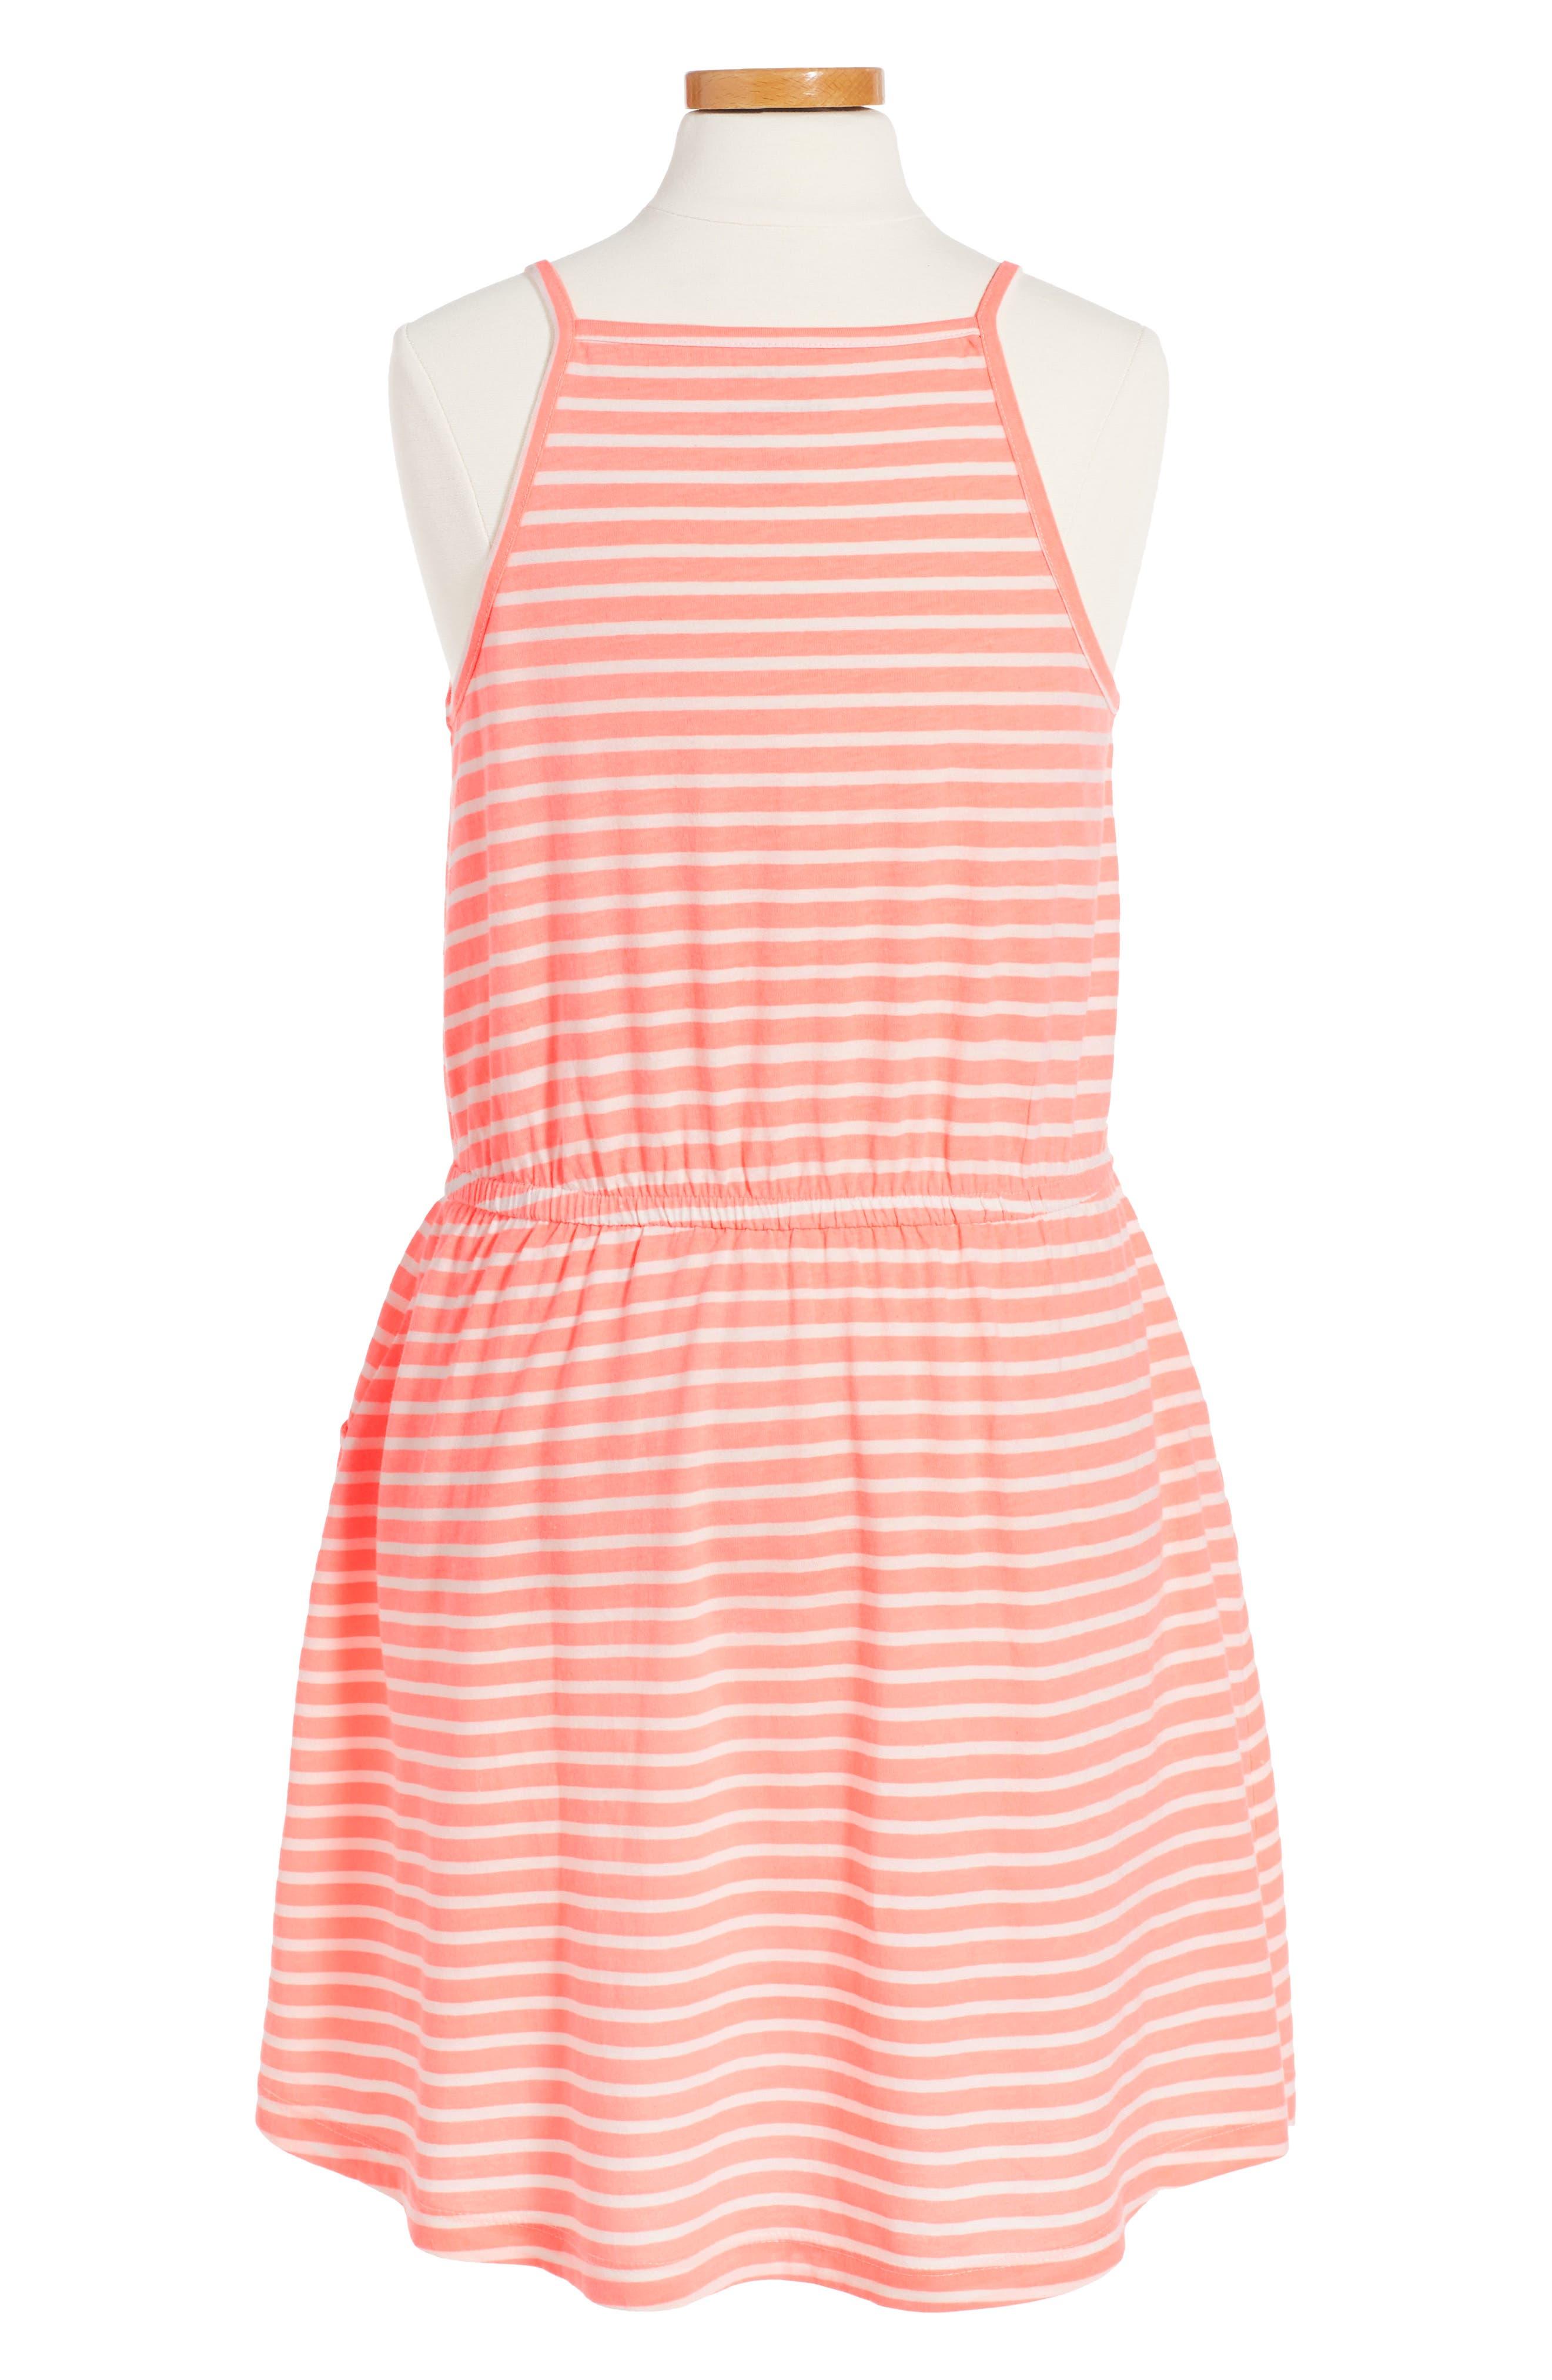 Jaden Stripe Dress,                             Alternate thumbnail 2, color,                             951